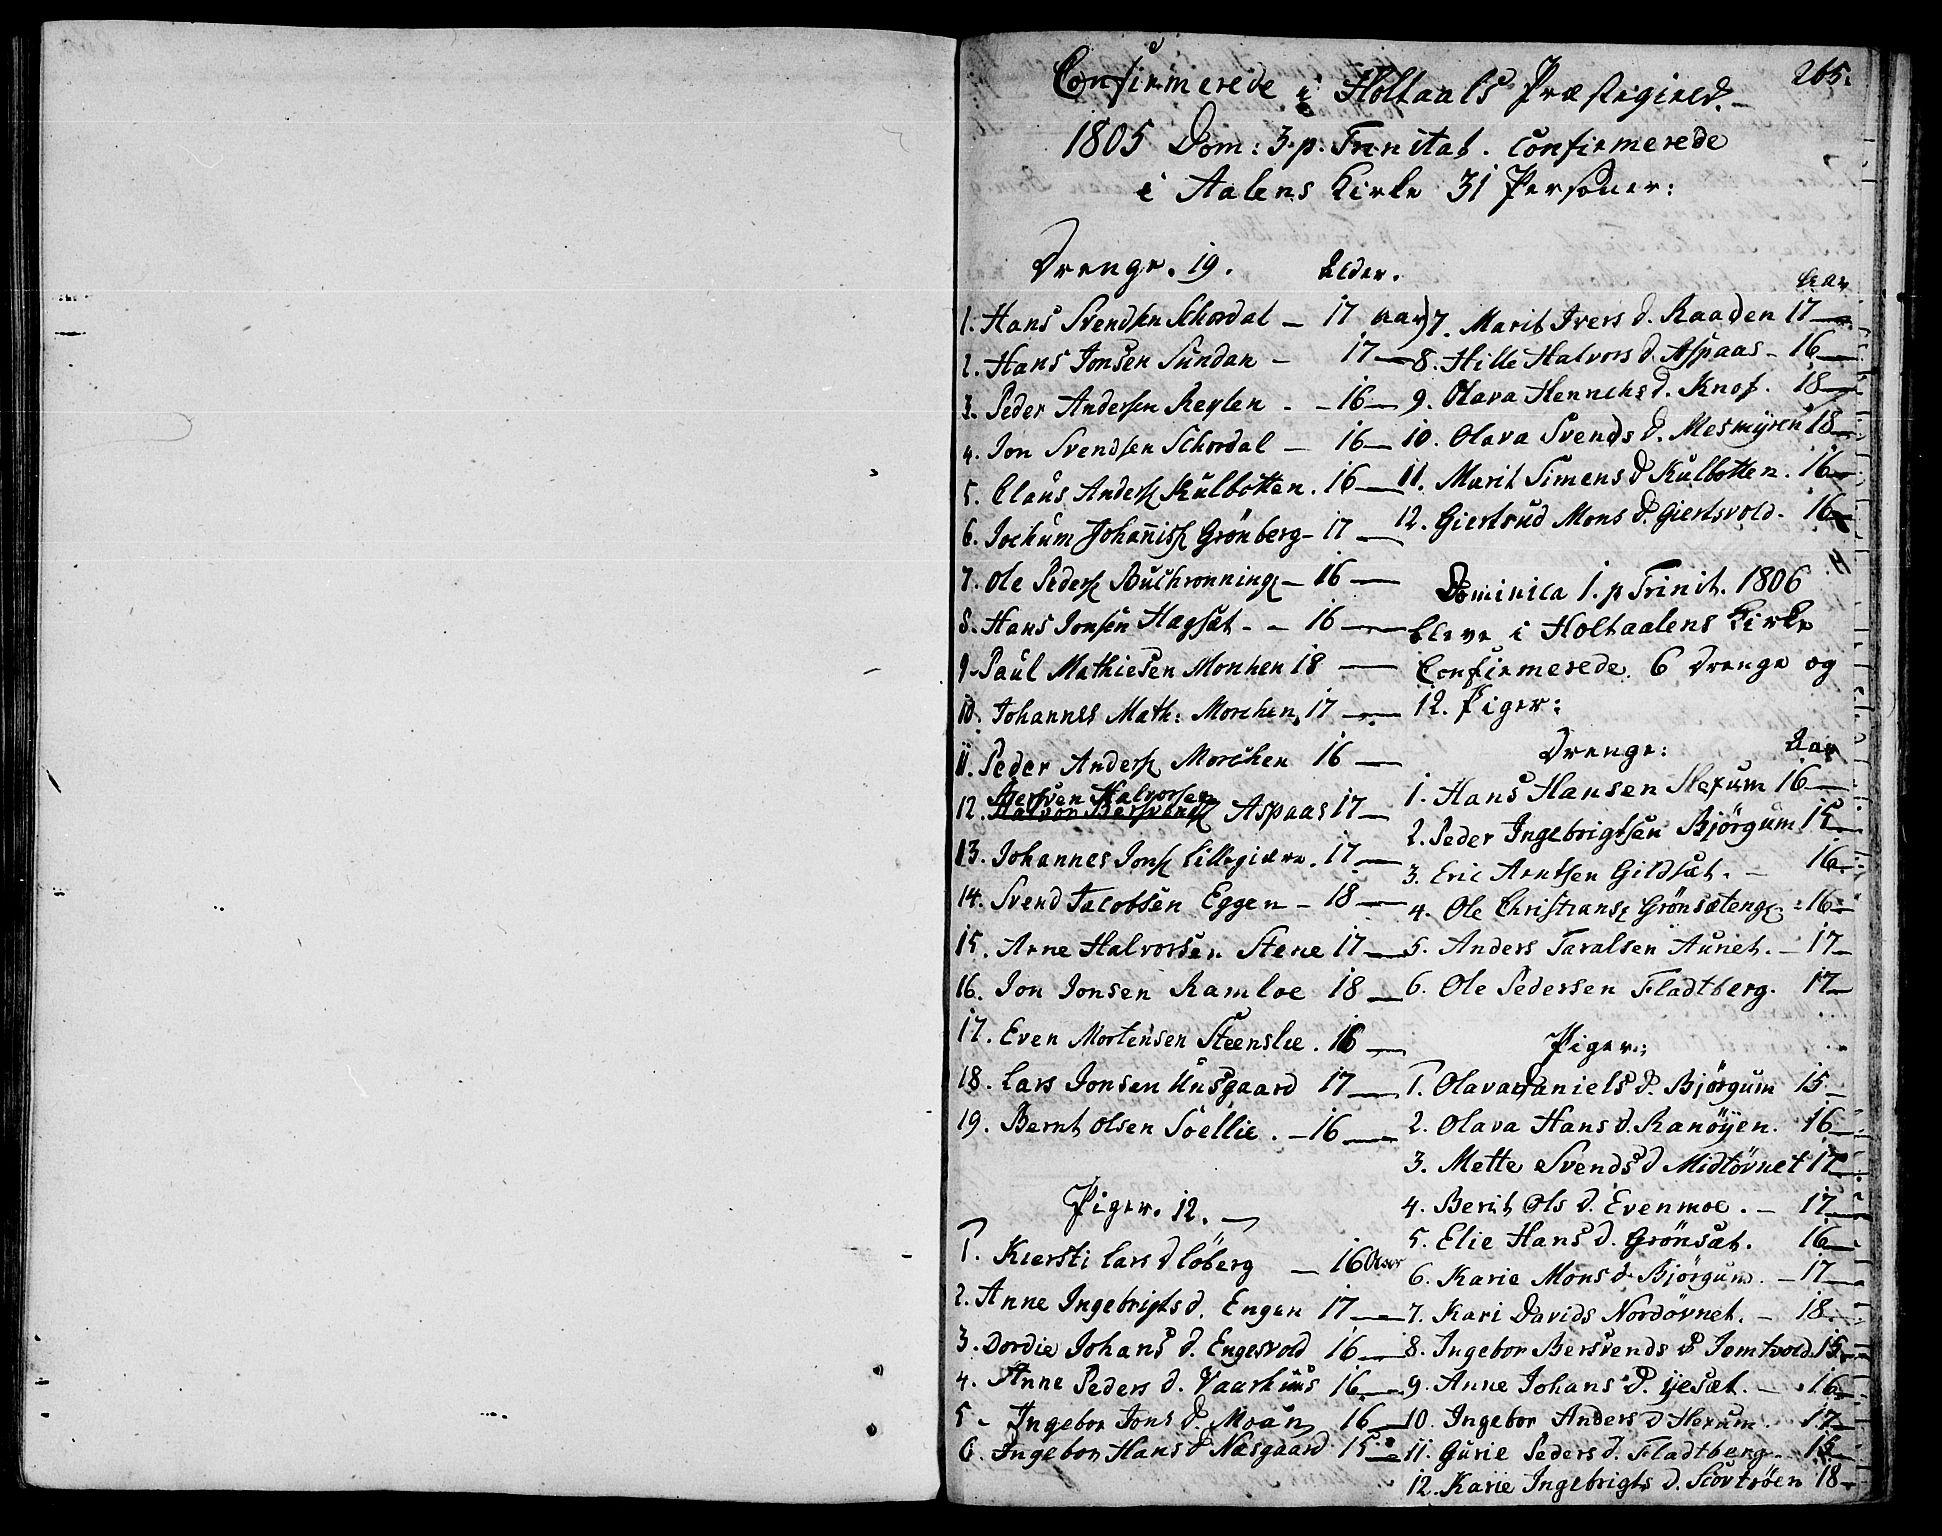 SAT, Ministerialprotokoller, klokkerbøker og fødselsregistre - Sør-Trøndelag, 685/L0953: Ministerialbok nr. 685A02, 1805-1816, s. 265